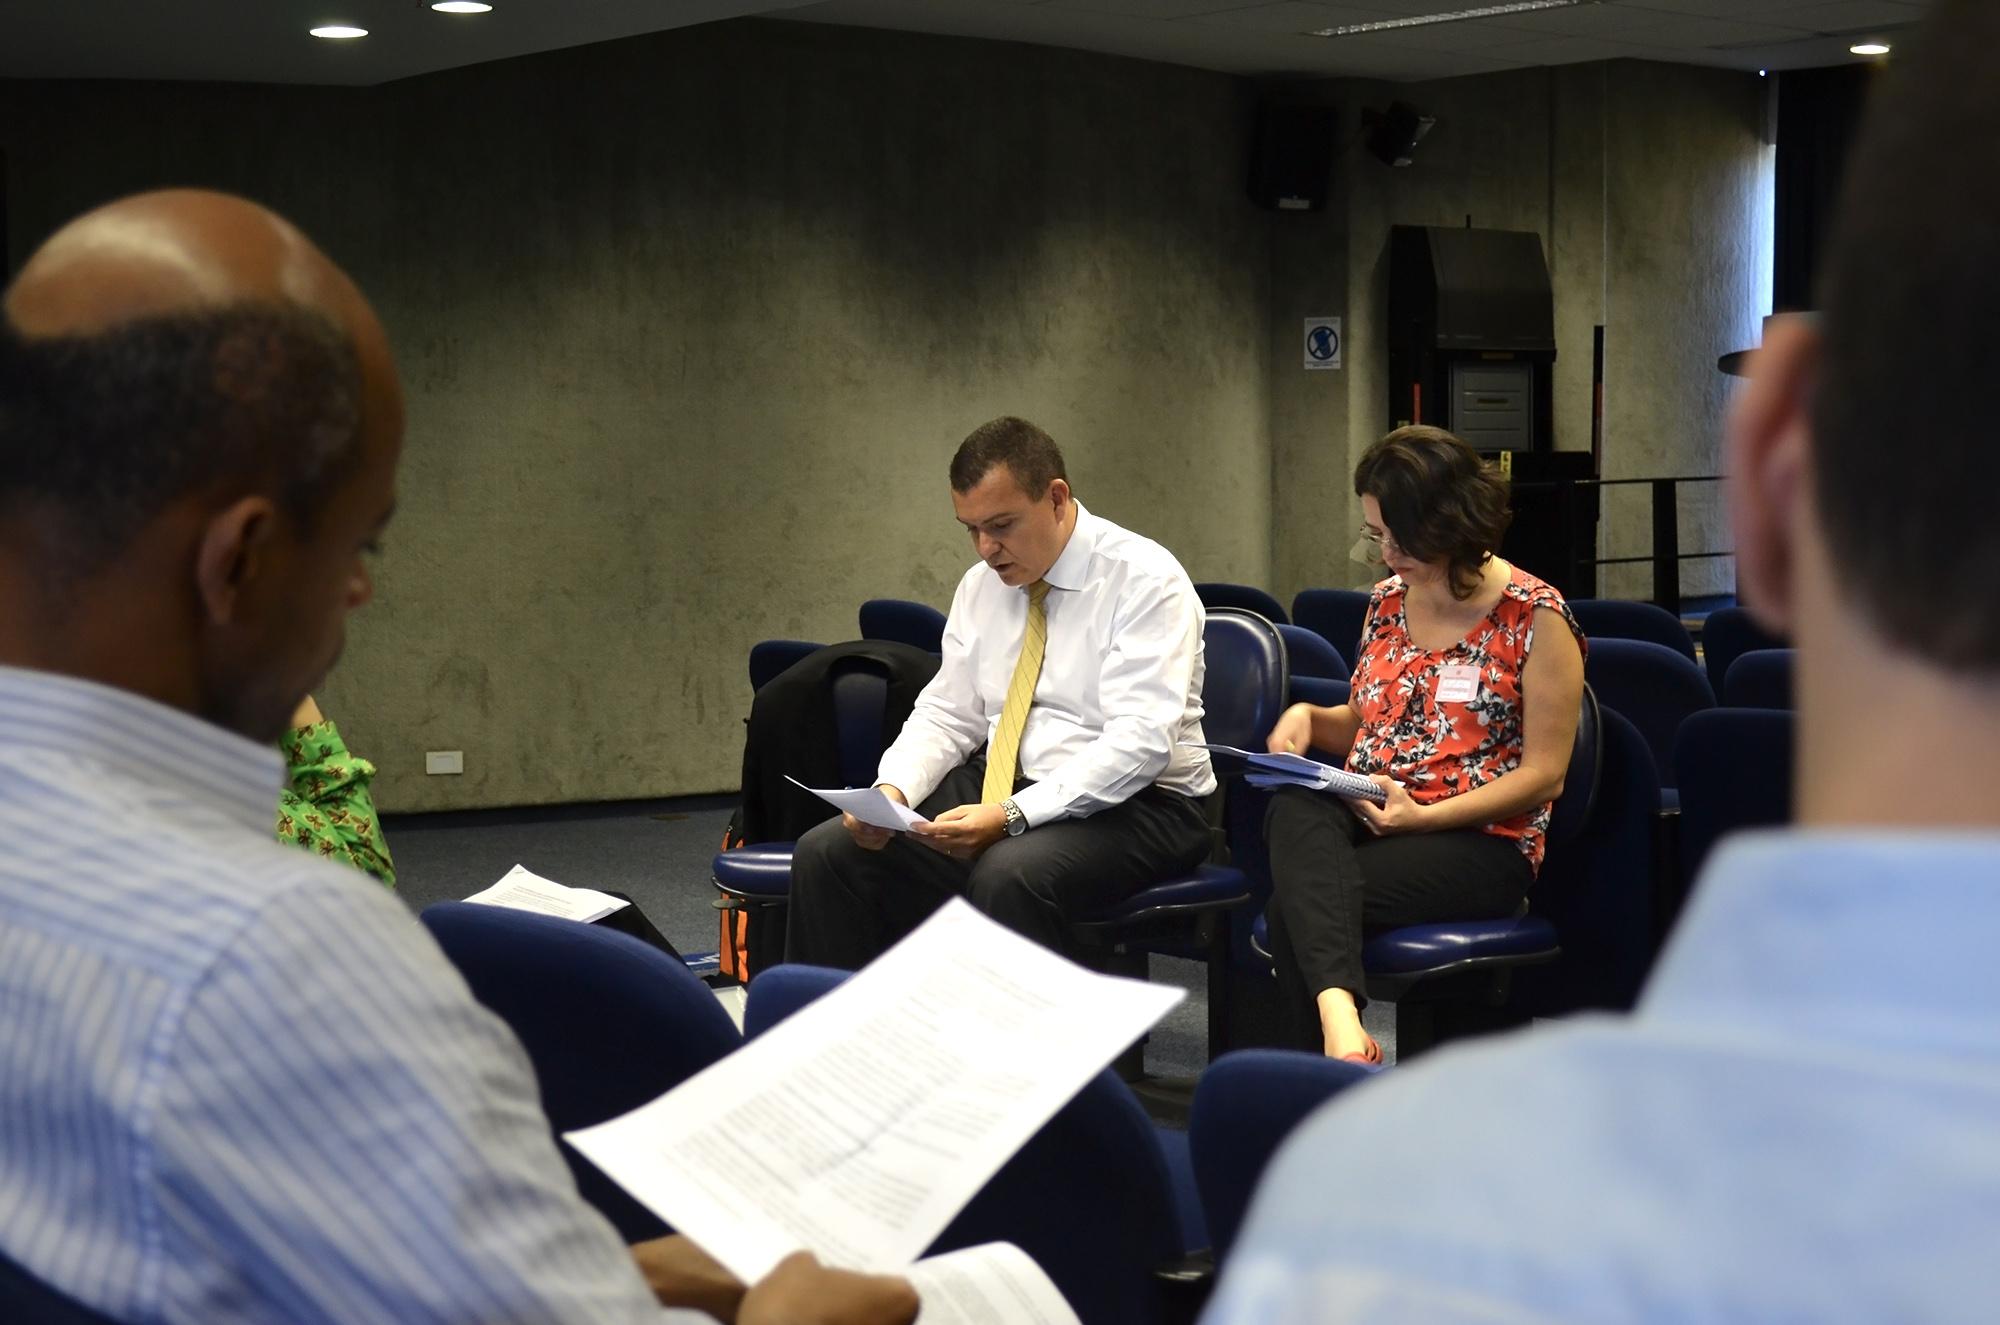 O relatório de 6 meses da nova gestão foi lido pelo presidente da Associação. Foto: Filipe Calmon / ANESP